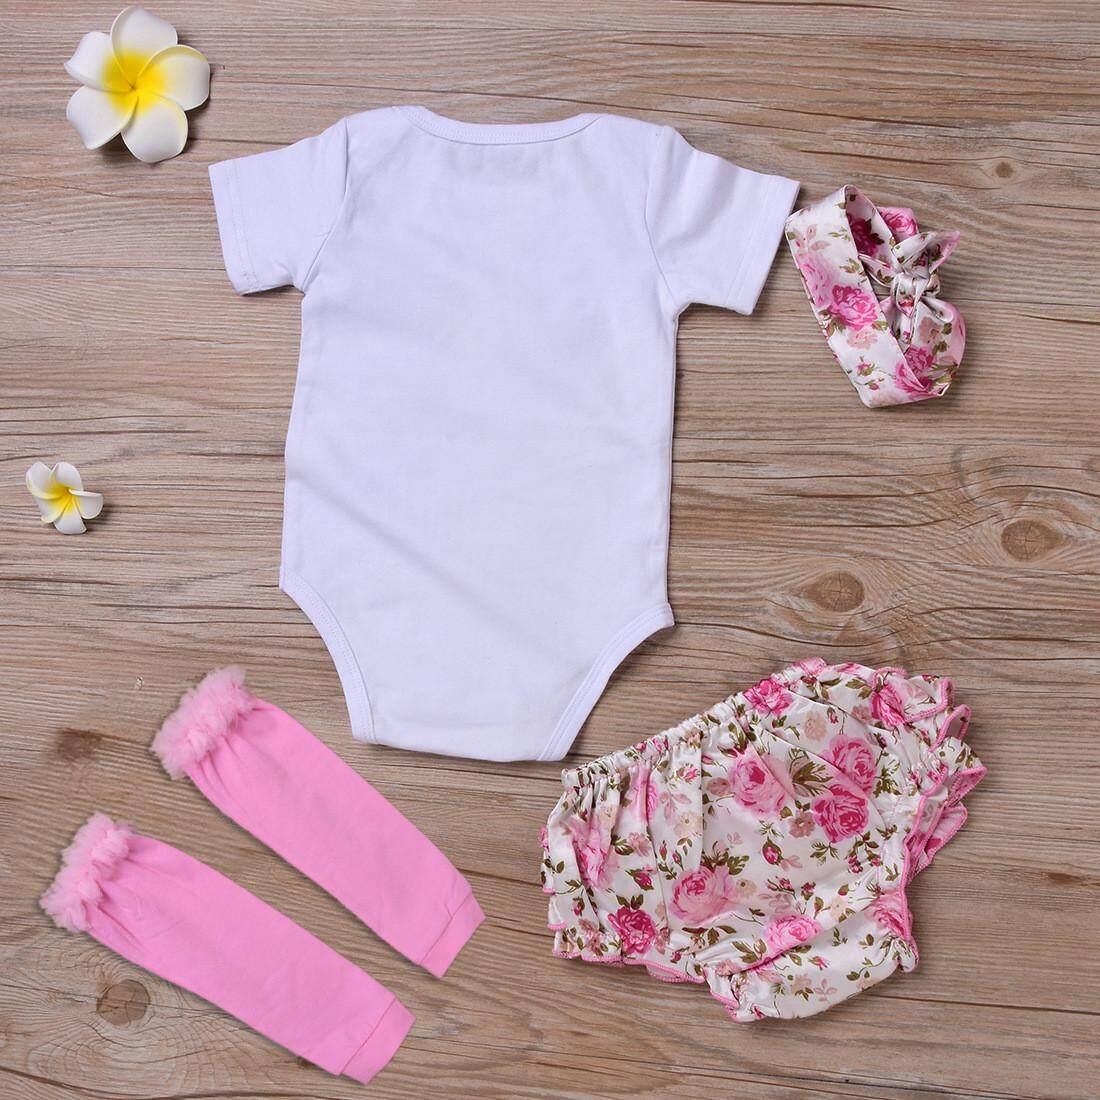 ... Empat Buah Bayi Surat Dicetak Bunga Busur Celana Setelan-Putih- Internasional - 4 ...